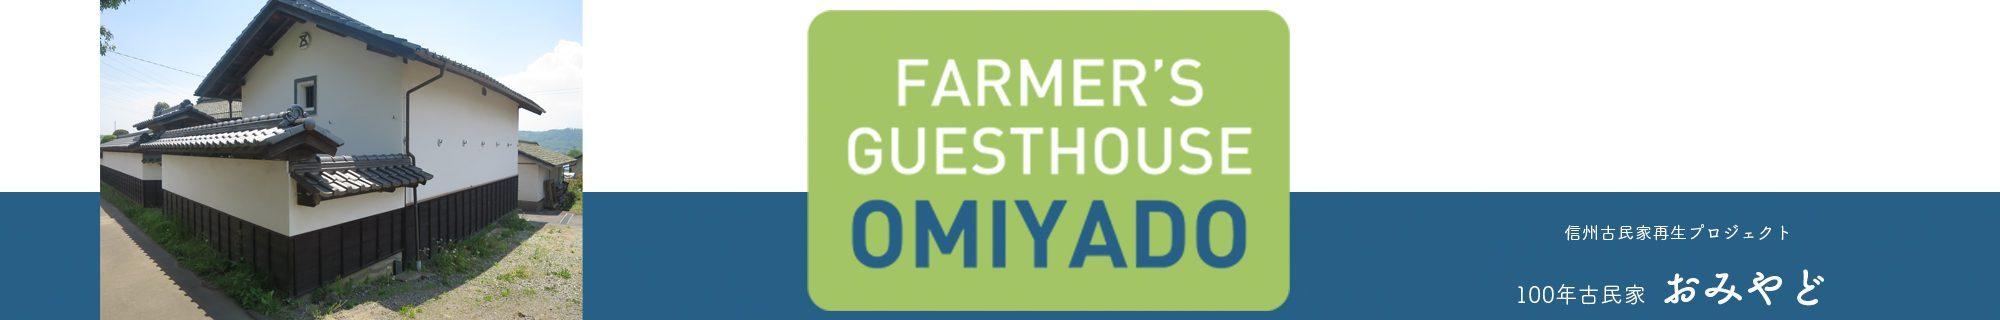 おみやど Farmer's GuestHouse